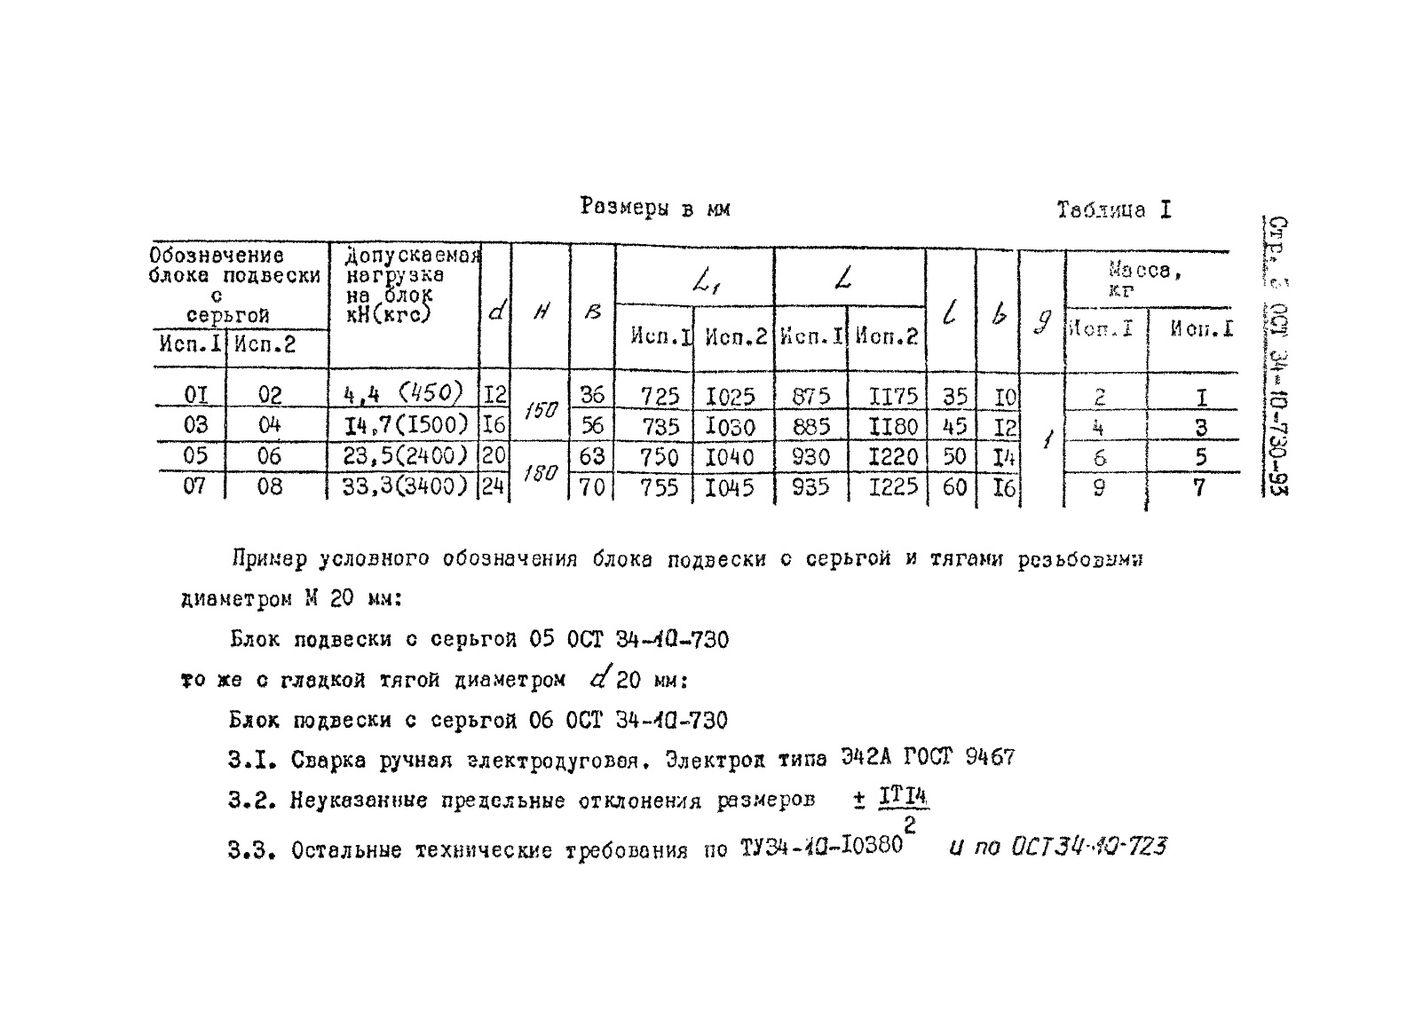 Блоки подвесок с серьгой ОСТ 34-10-730-93 стр.3